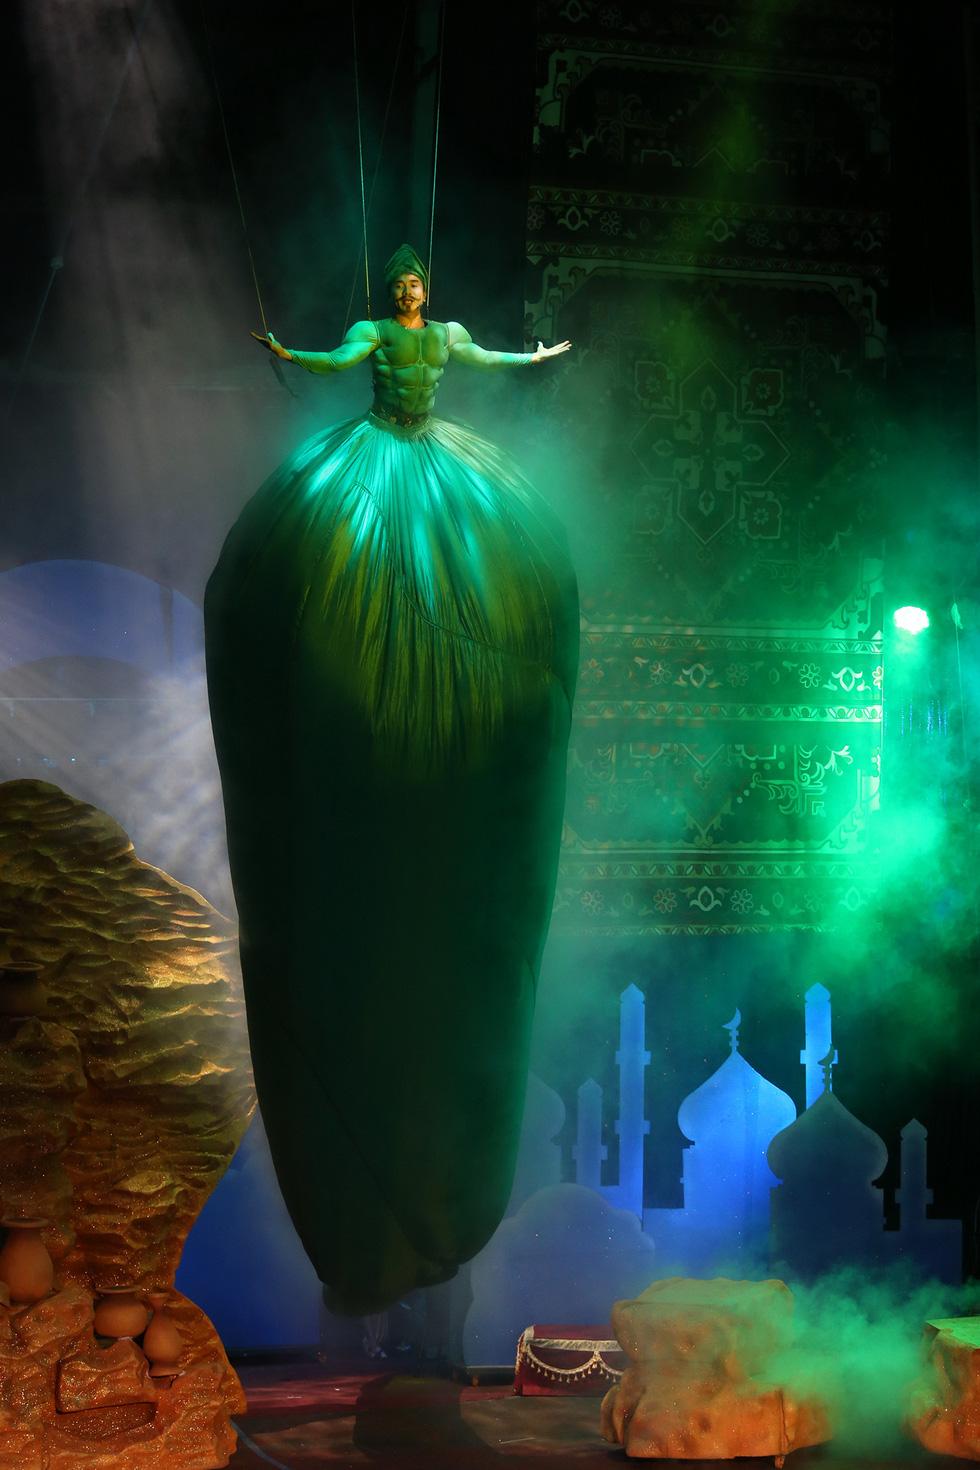 Huyền ảo kịch xiếc Ba Tư trong mùa Noel và tết tây - Ảnh 9.